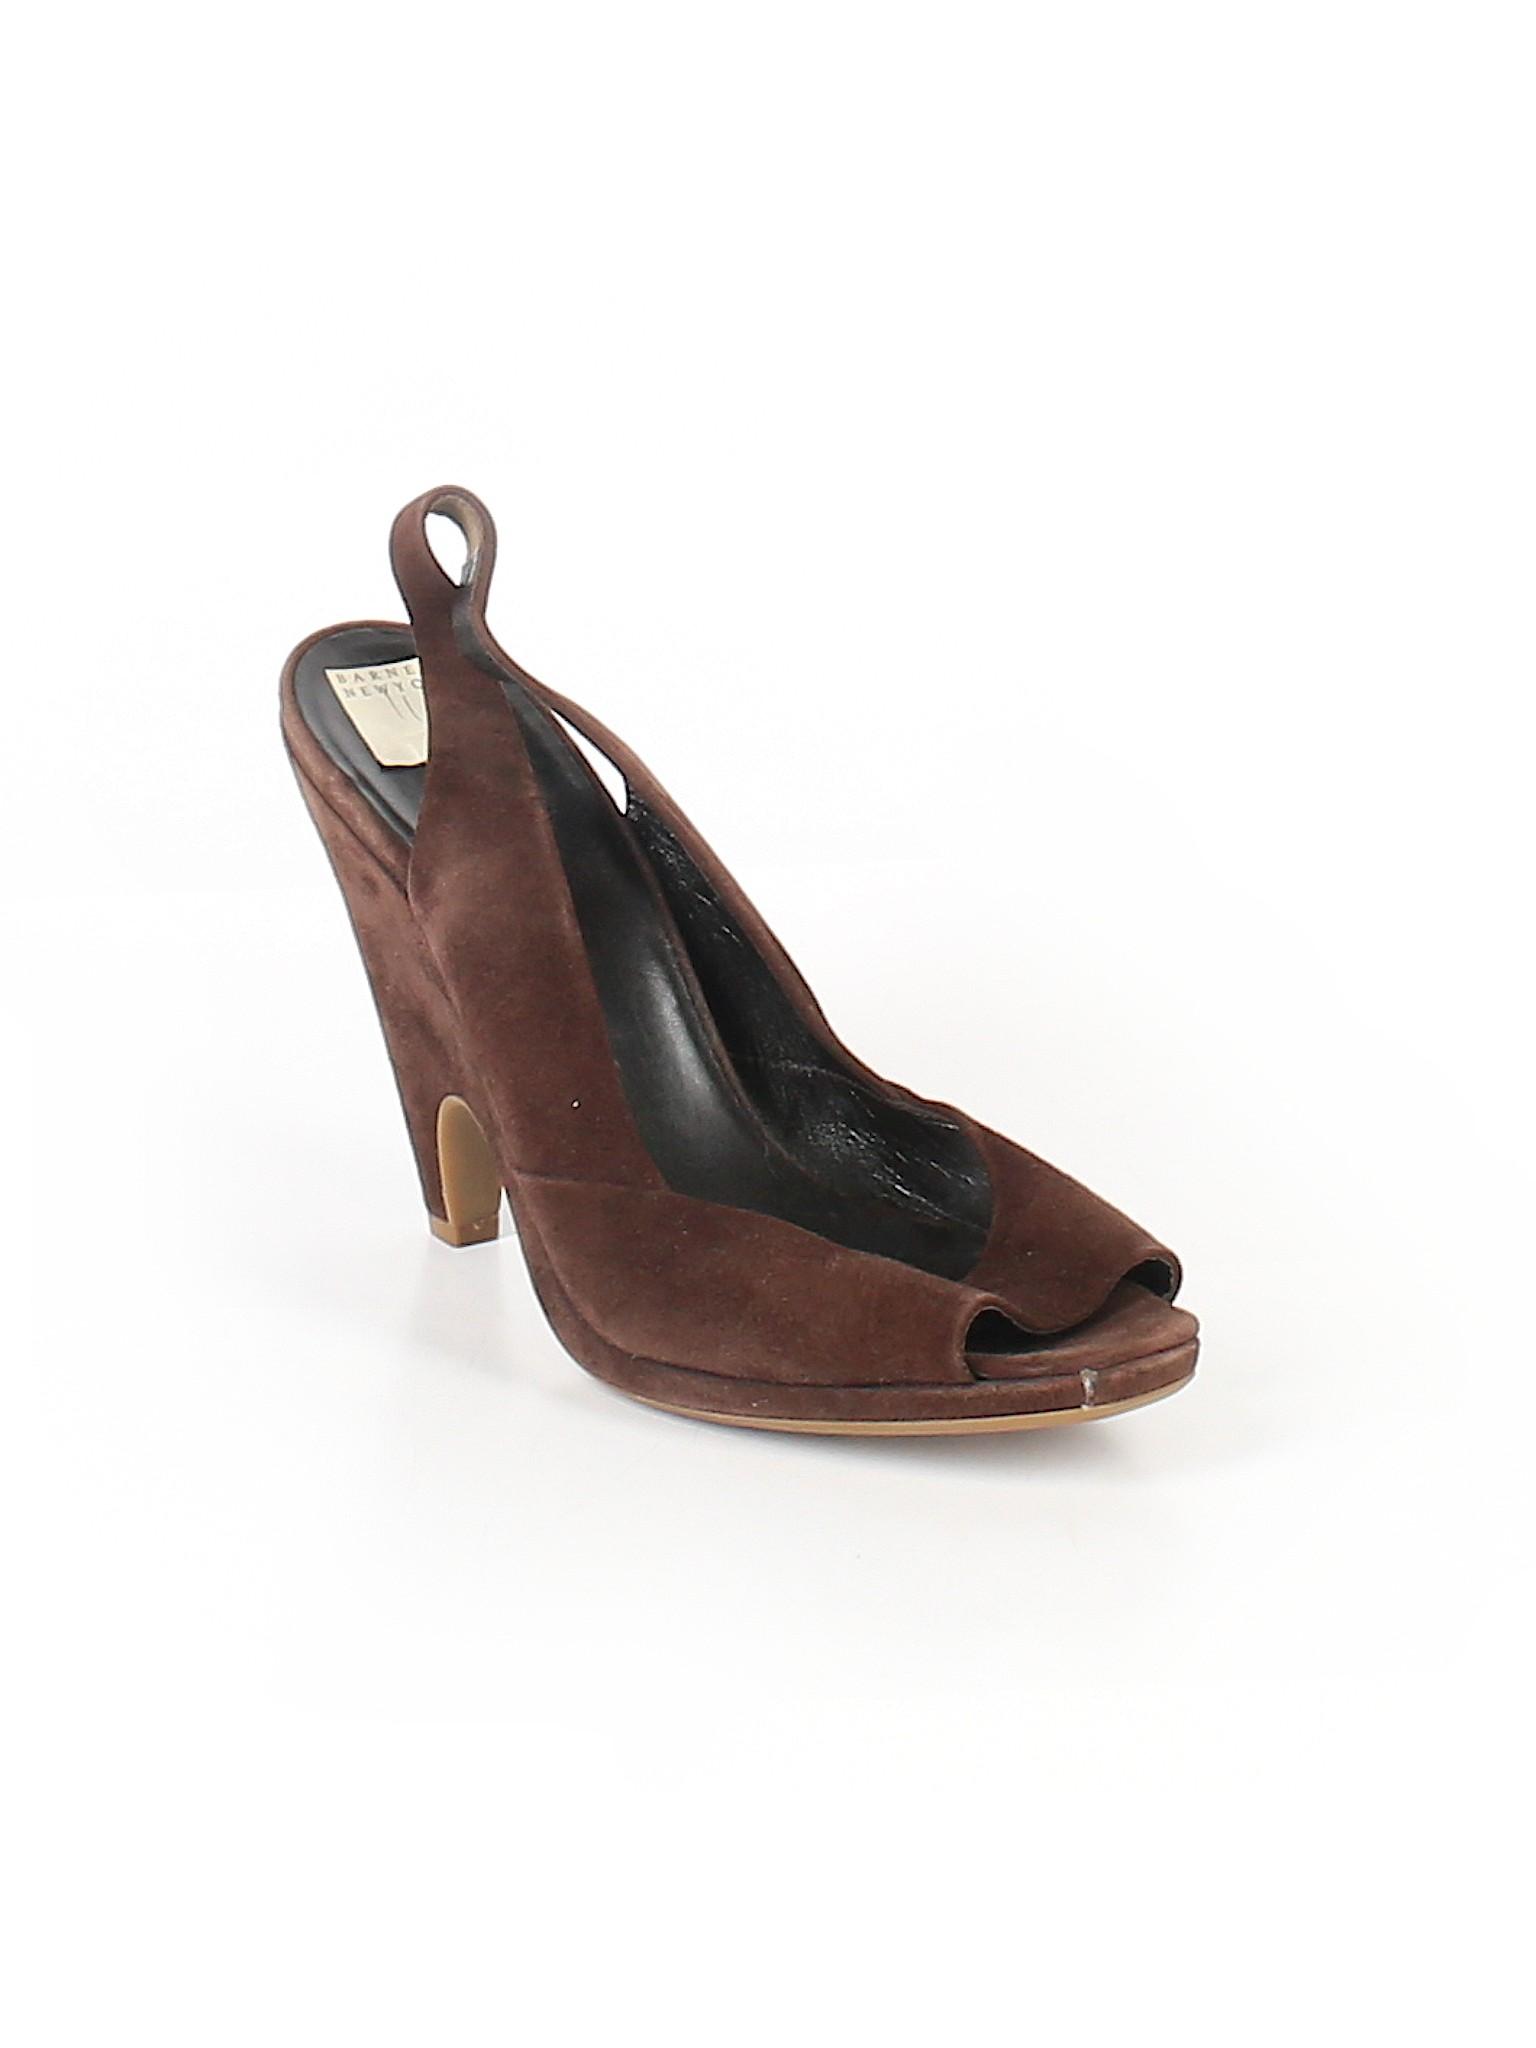 Boutique Miu Heels Miu Heels Miu promotion Boutique Boutique Miu promotion q7wOInF